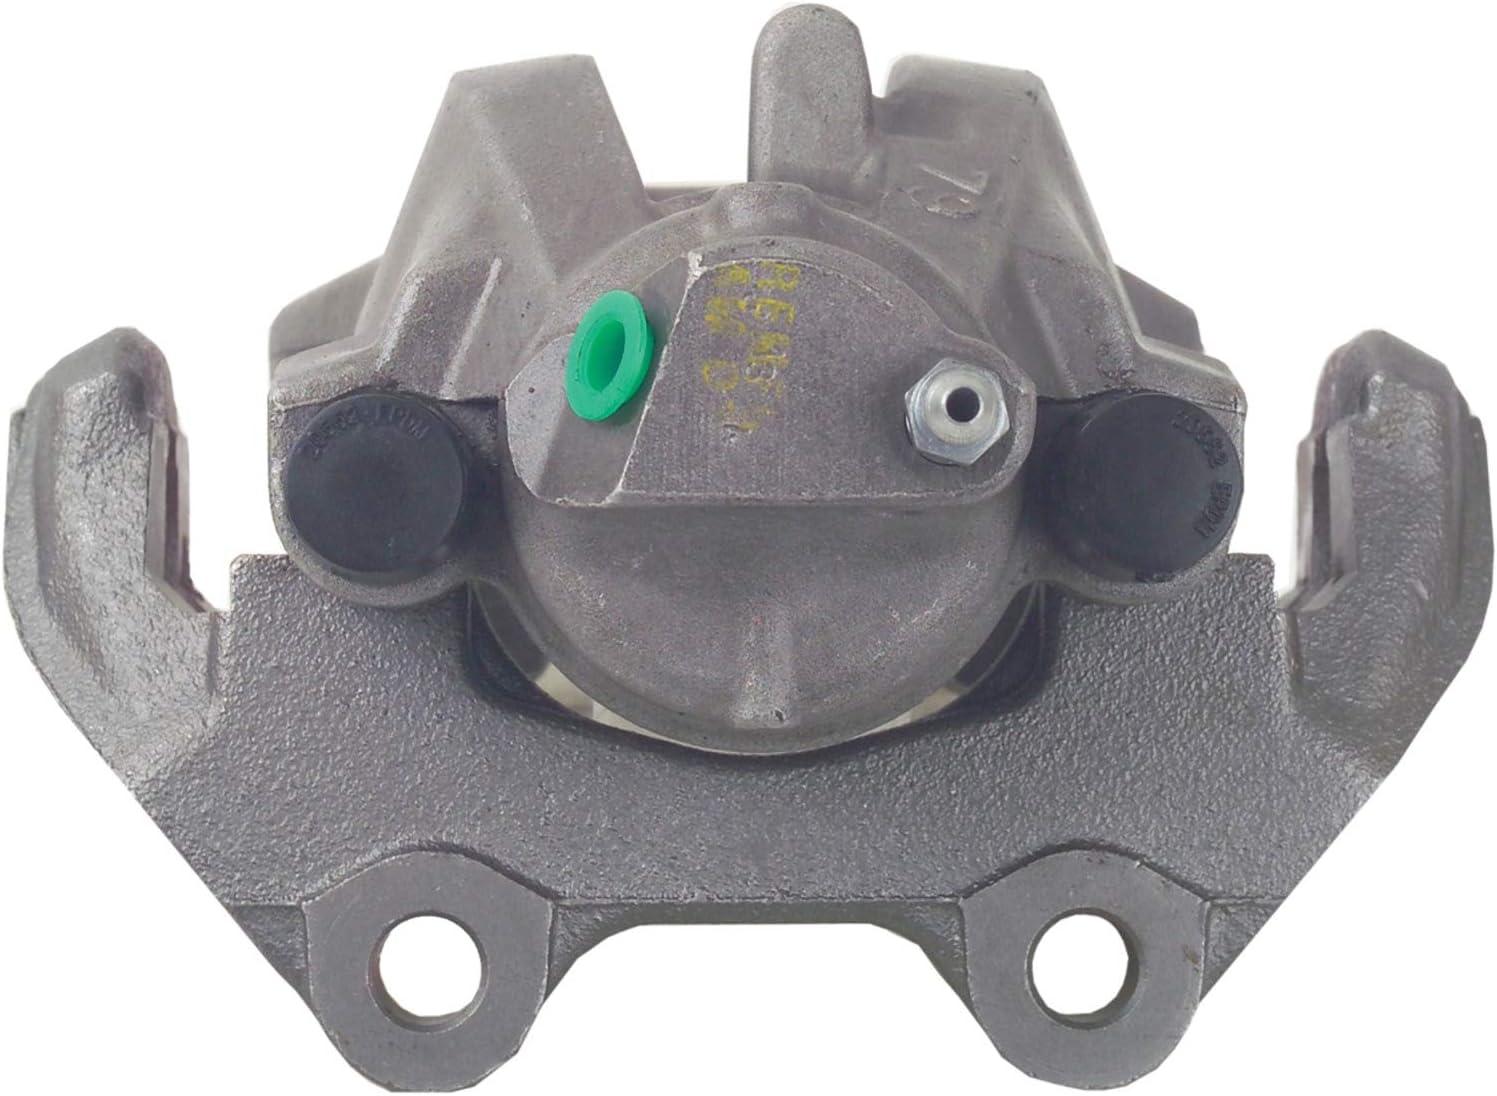 Cardone Industries 19B2579 Brake Caliper Reman